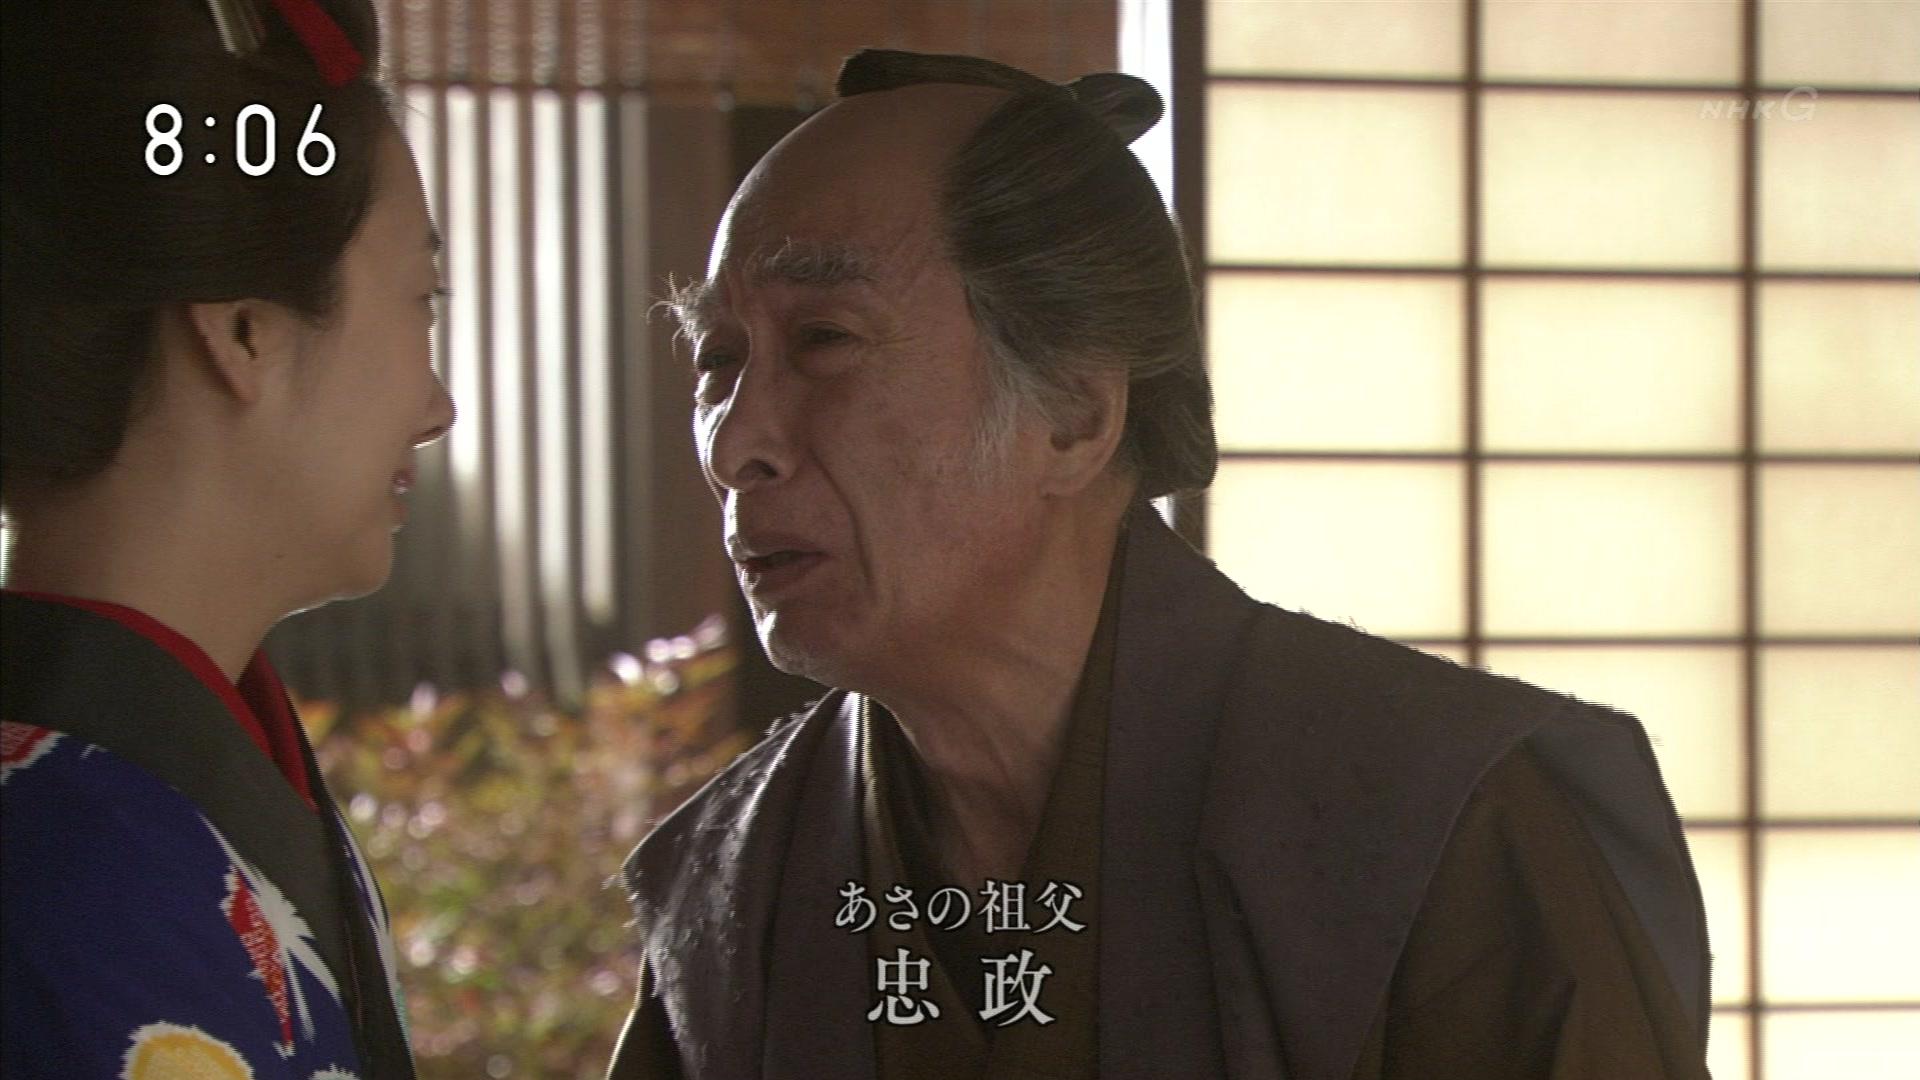 2015-10-09 08:00 連続テレビ小説 あさが来た(11)「ふたつの花びら」 1228